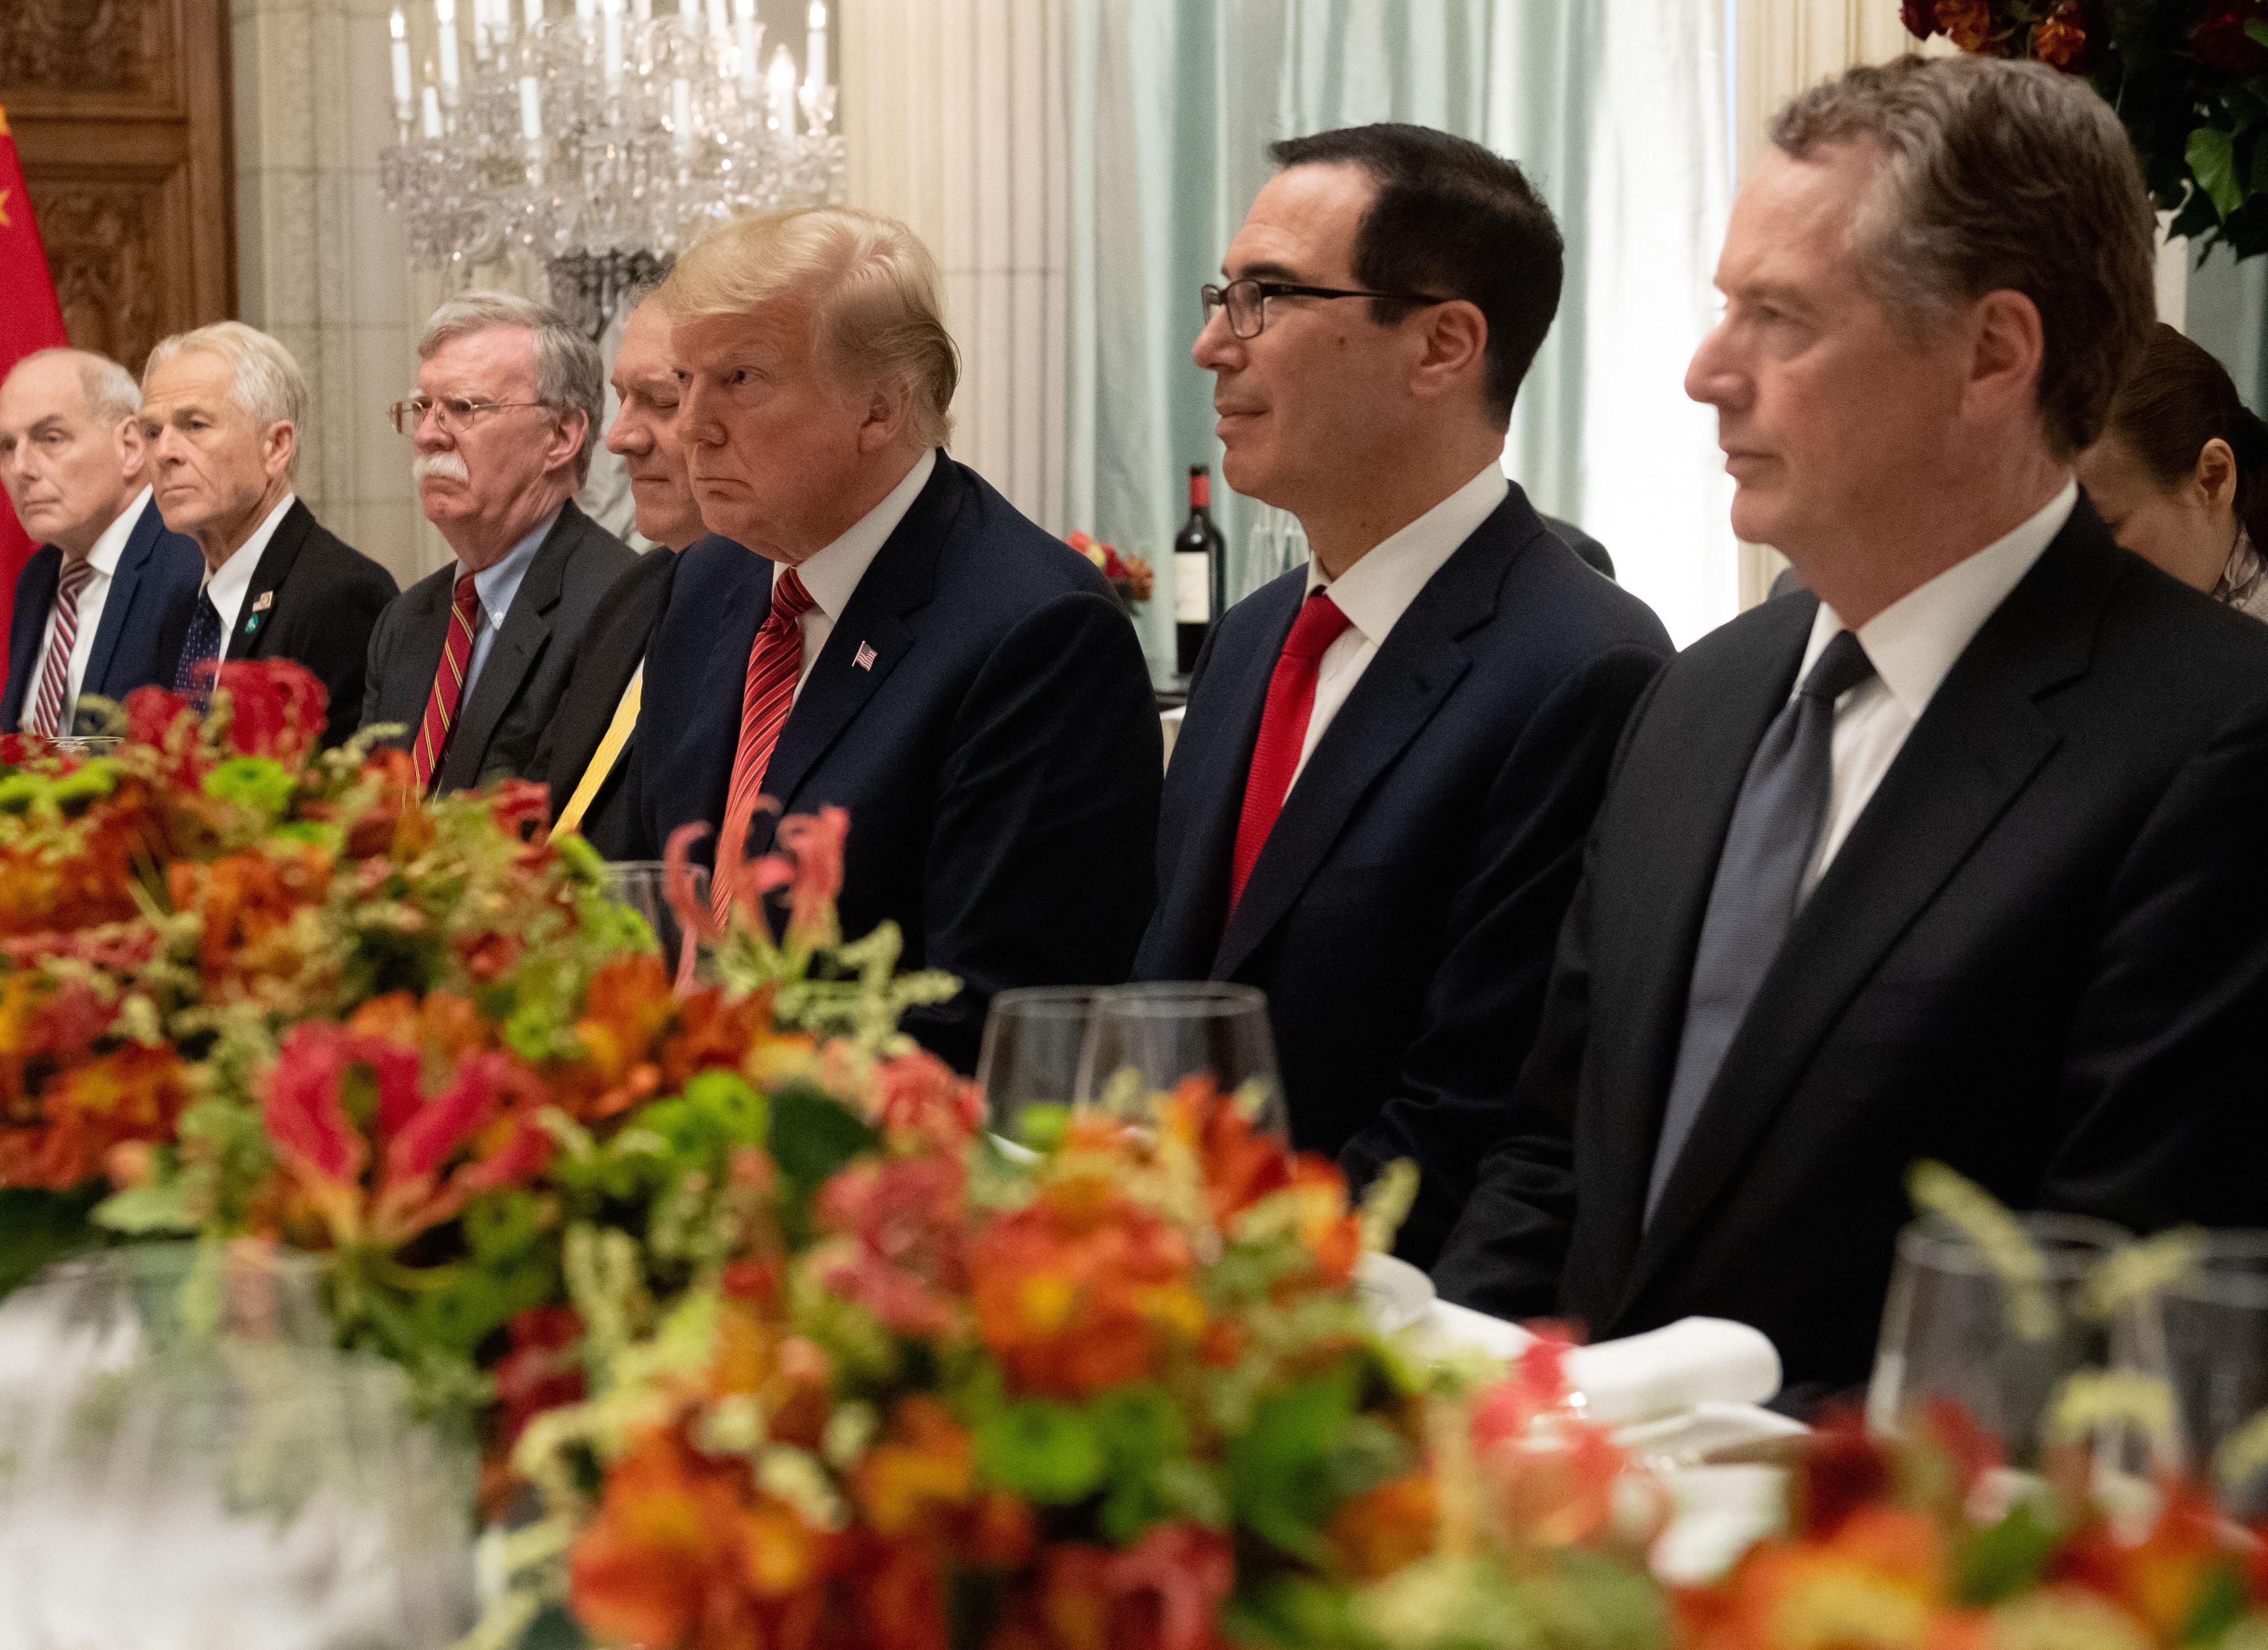 G20習特會超時一個小時 更多內幕曝光